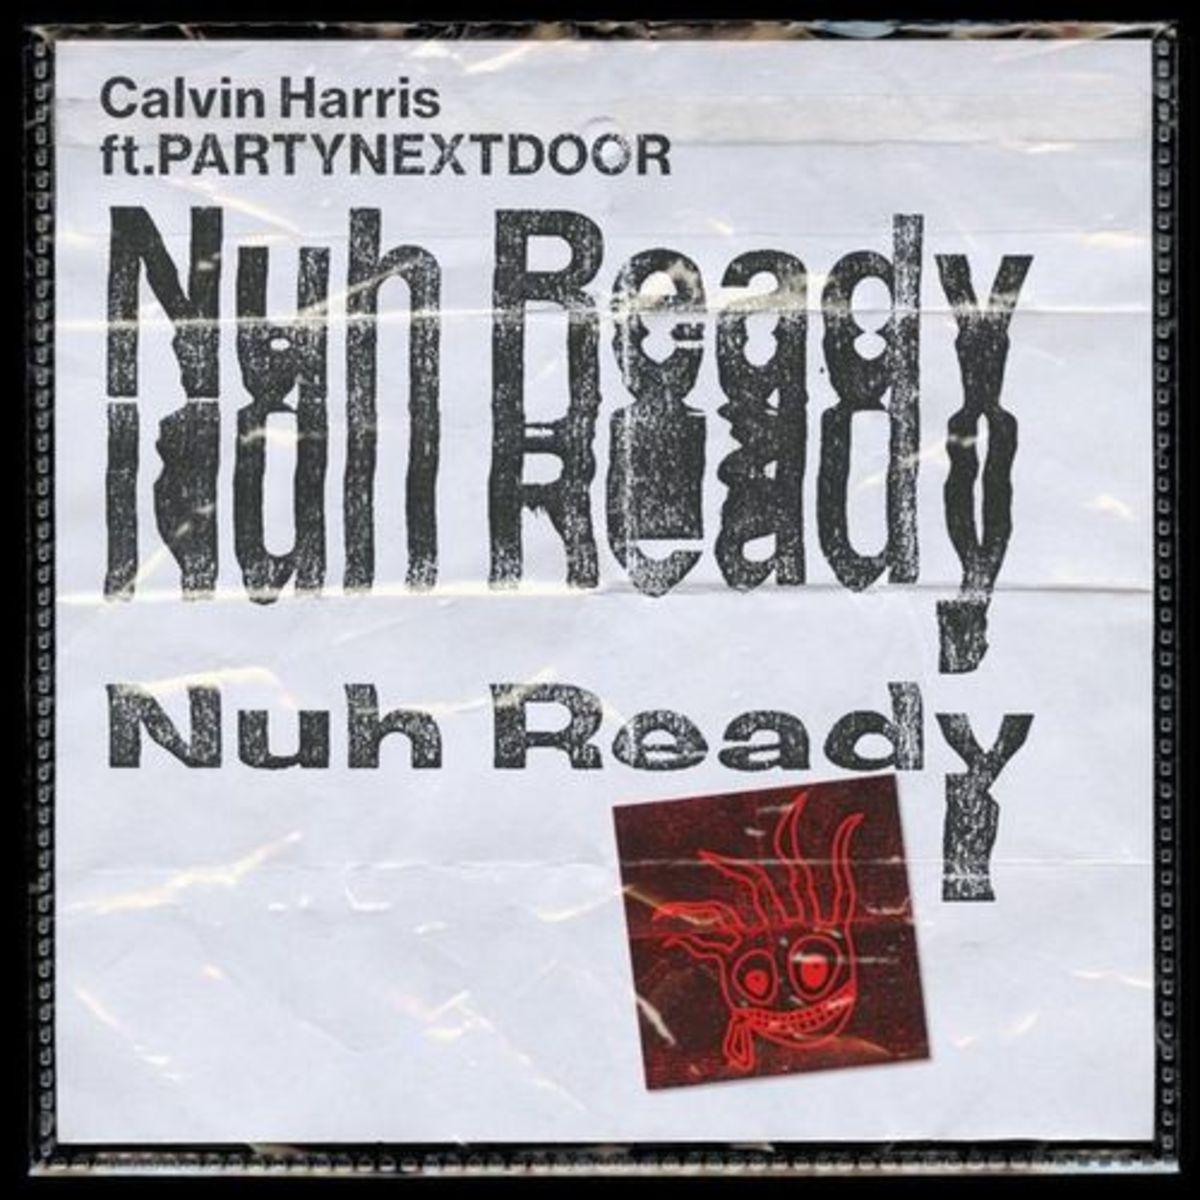 calvin-harris-nuh-ready-nuh-ready.jpg